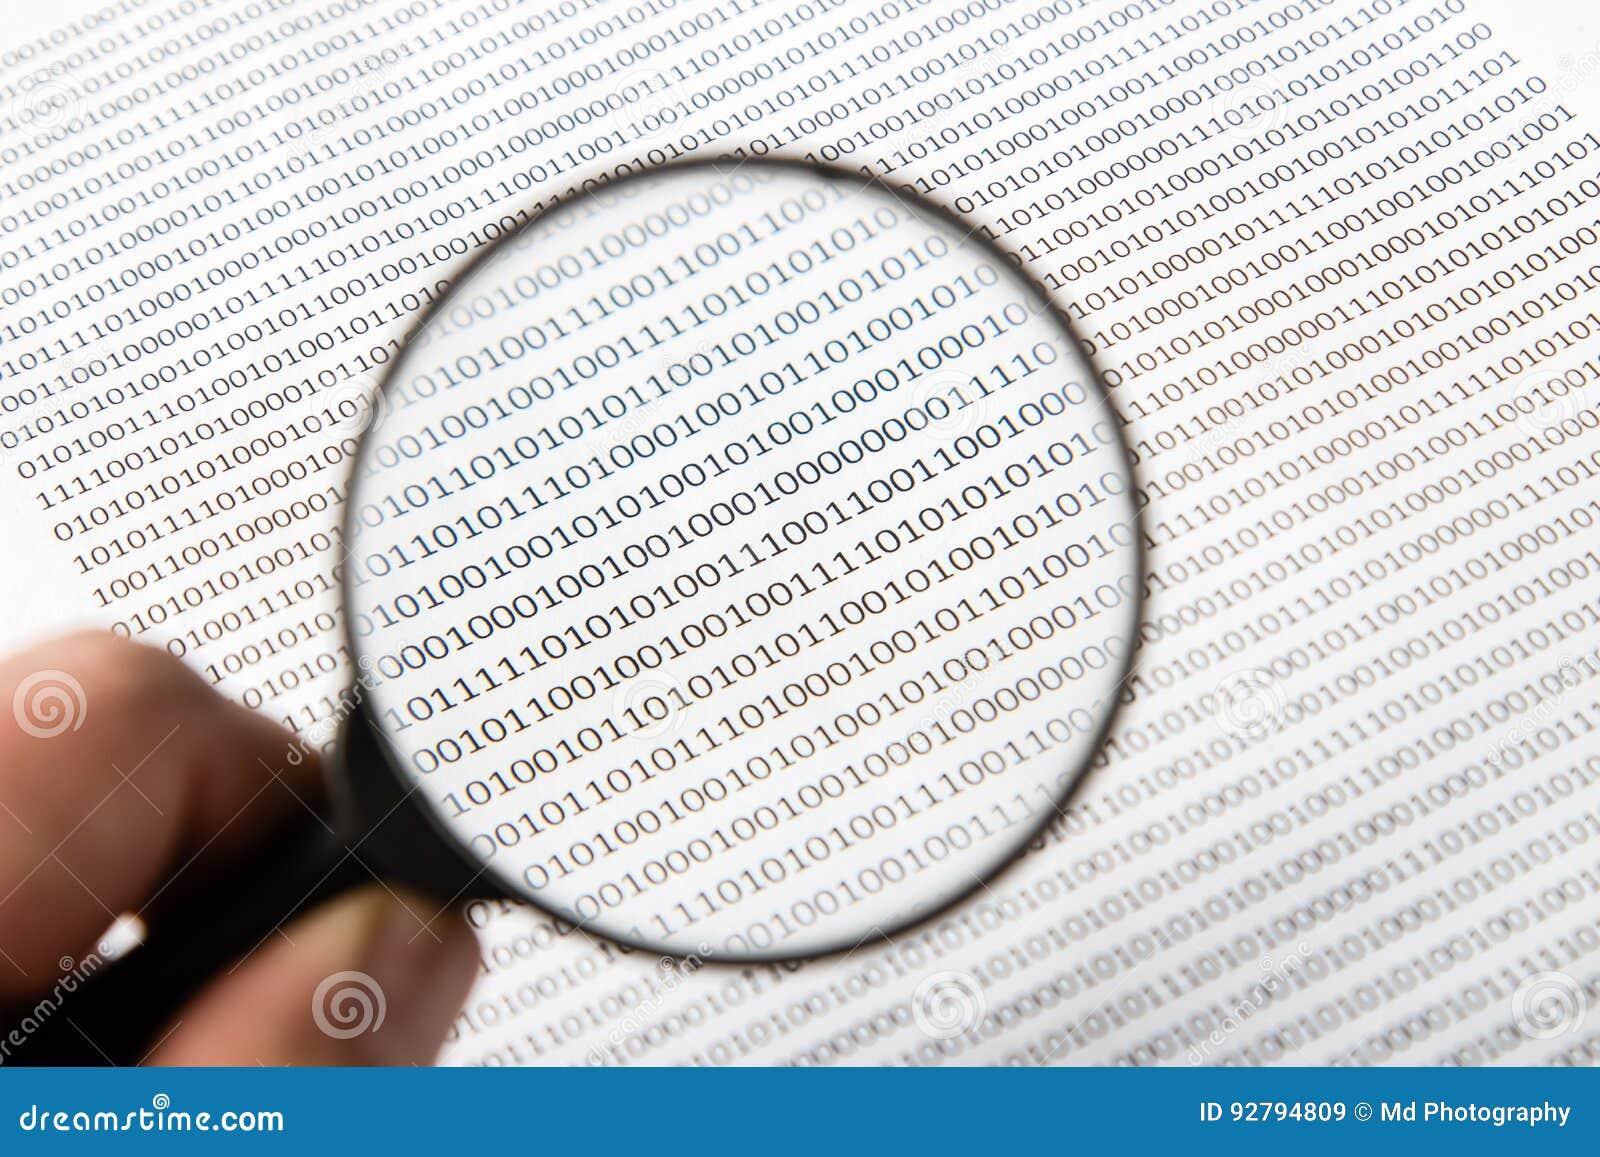 Una imagen blanco y negro de un escudriñamiento humano codifica en software, esta imagen se puede utilizar para representar la fu